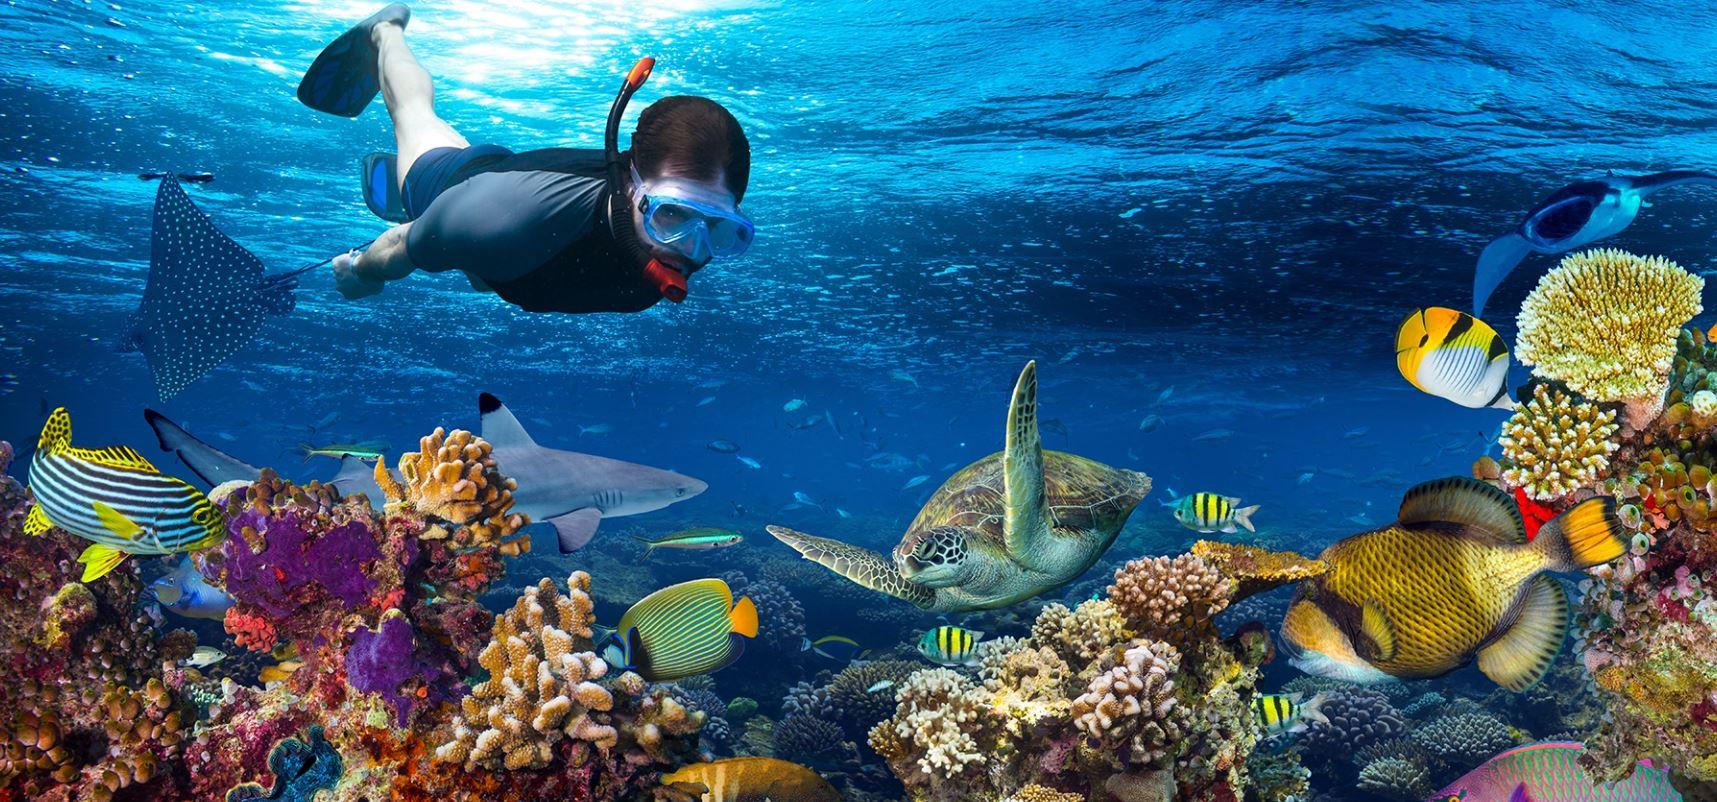 arrecofes san francisco snorkel viajes singles excursiones